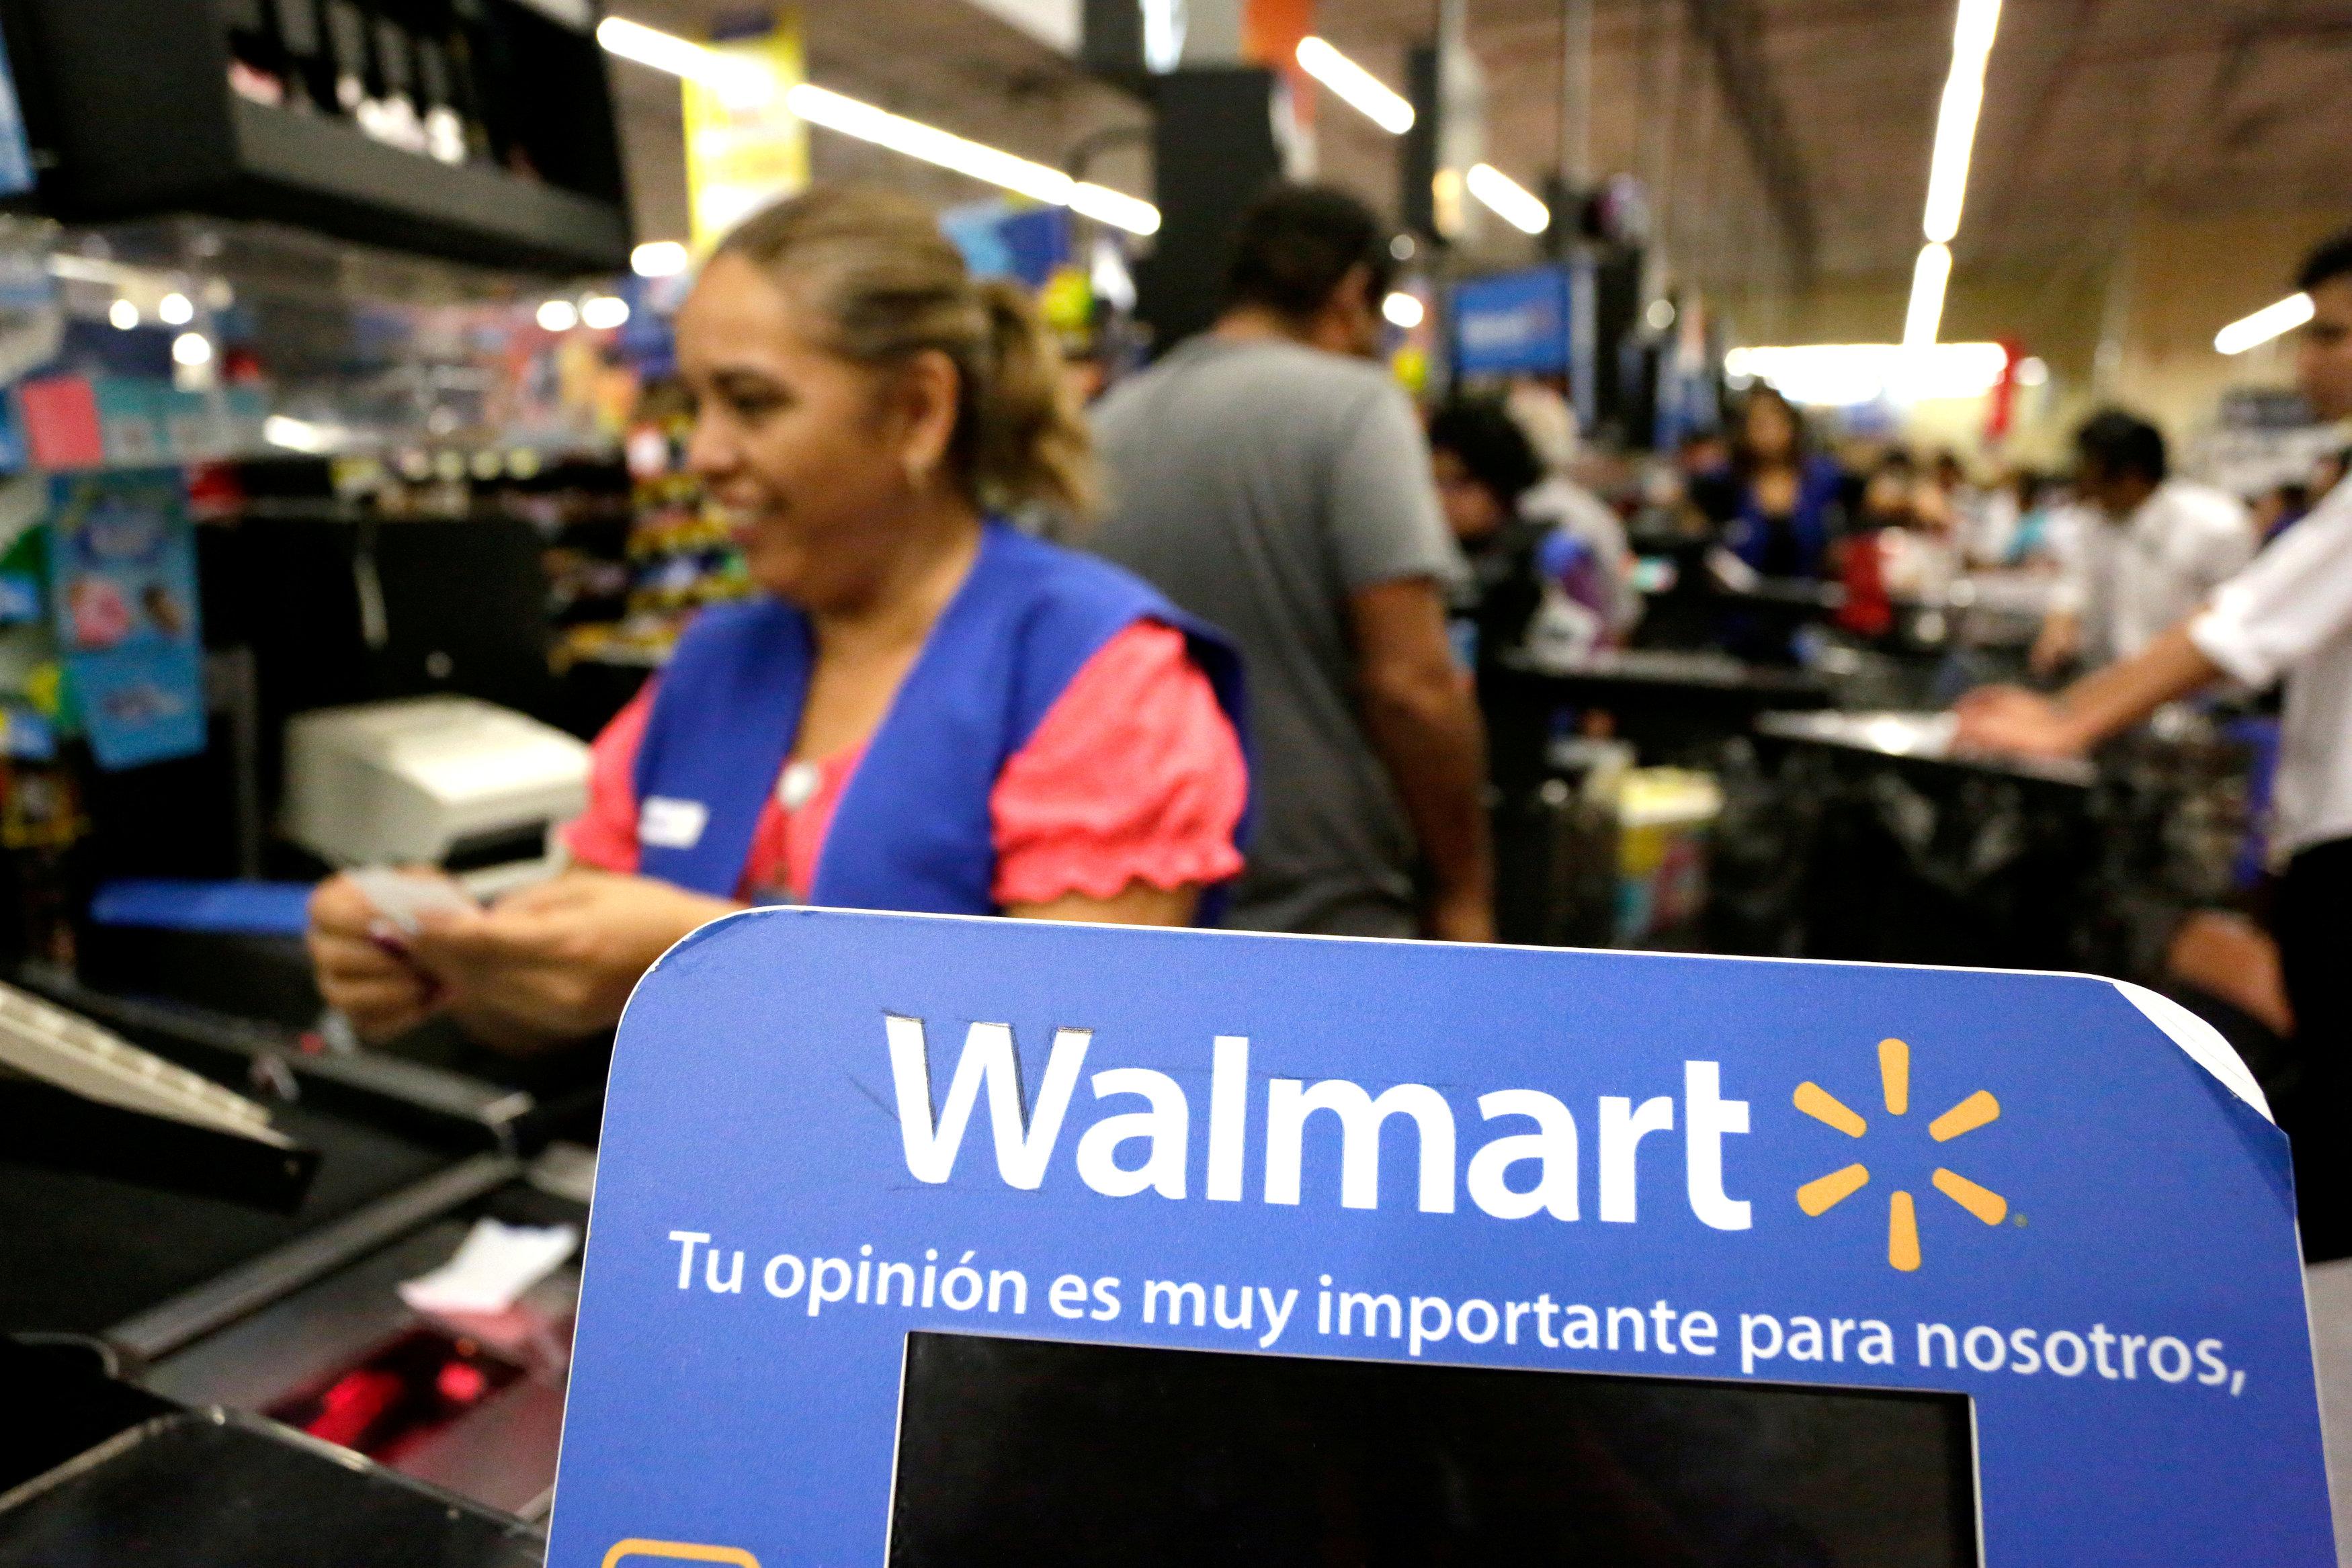 Walmart pagará a inversionistas 160 mdd por 'mordidas' en México